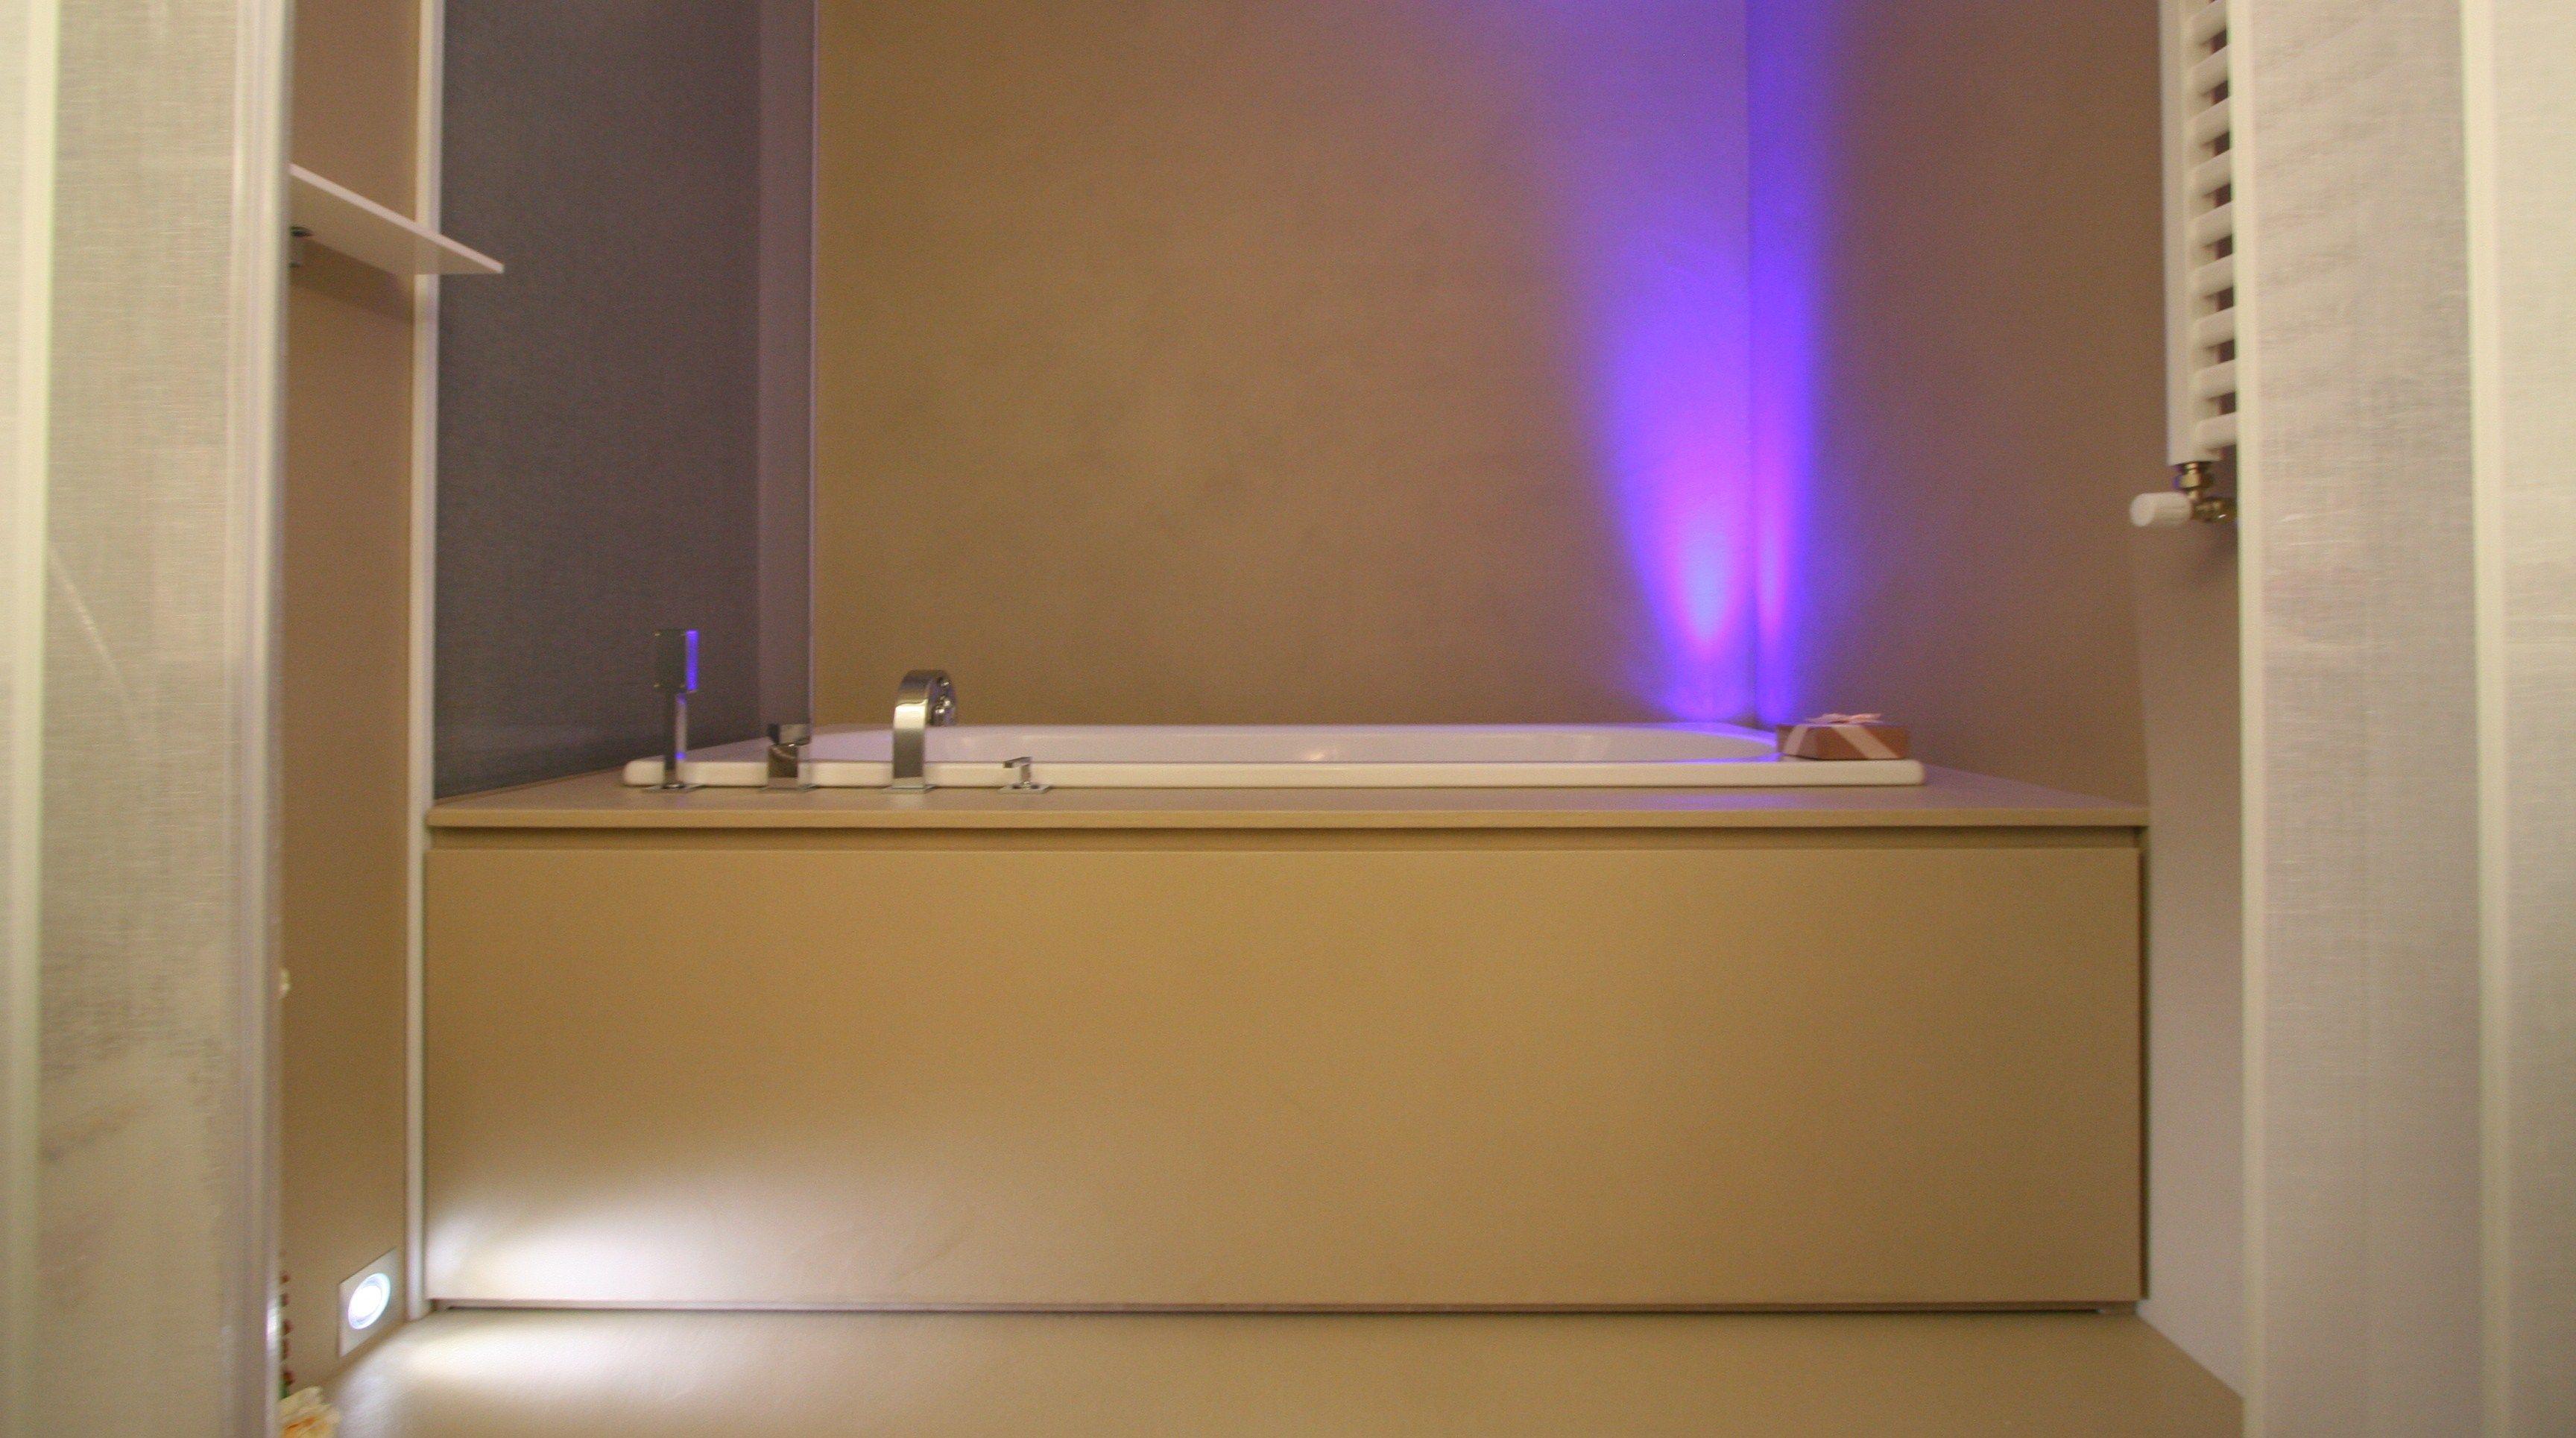 Vasca Da Bagno Rivestita : Vasca da bagno rivestita in ecomalta oltremateria pinterest